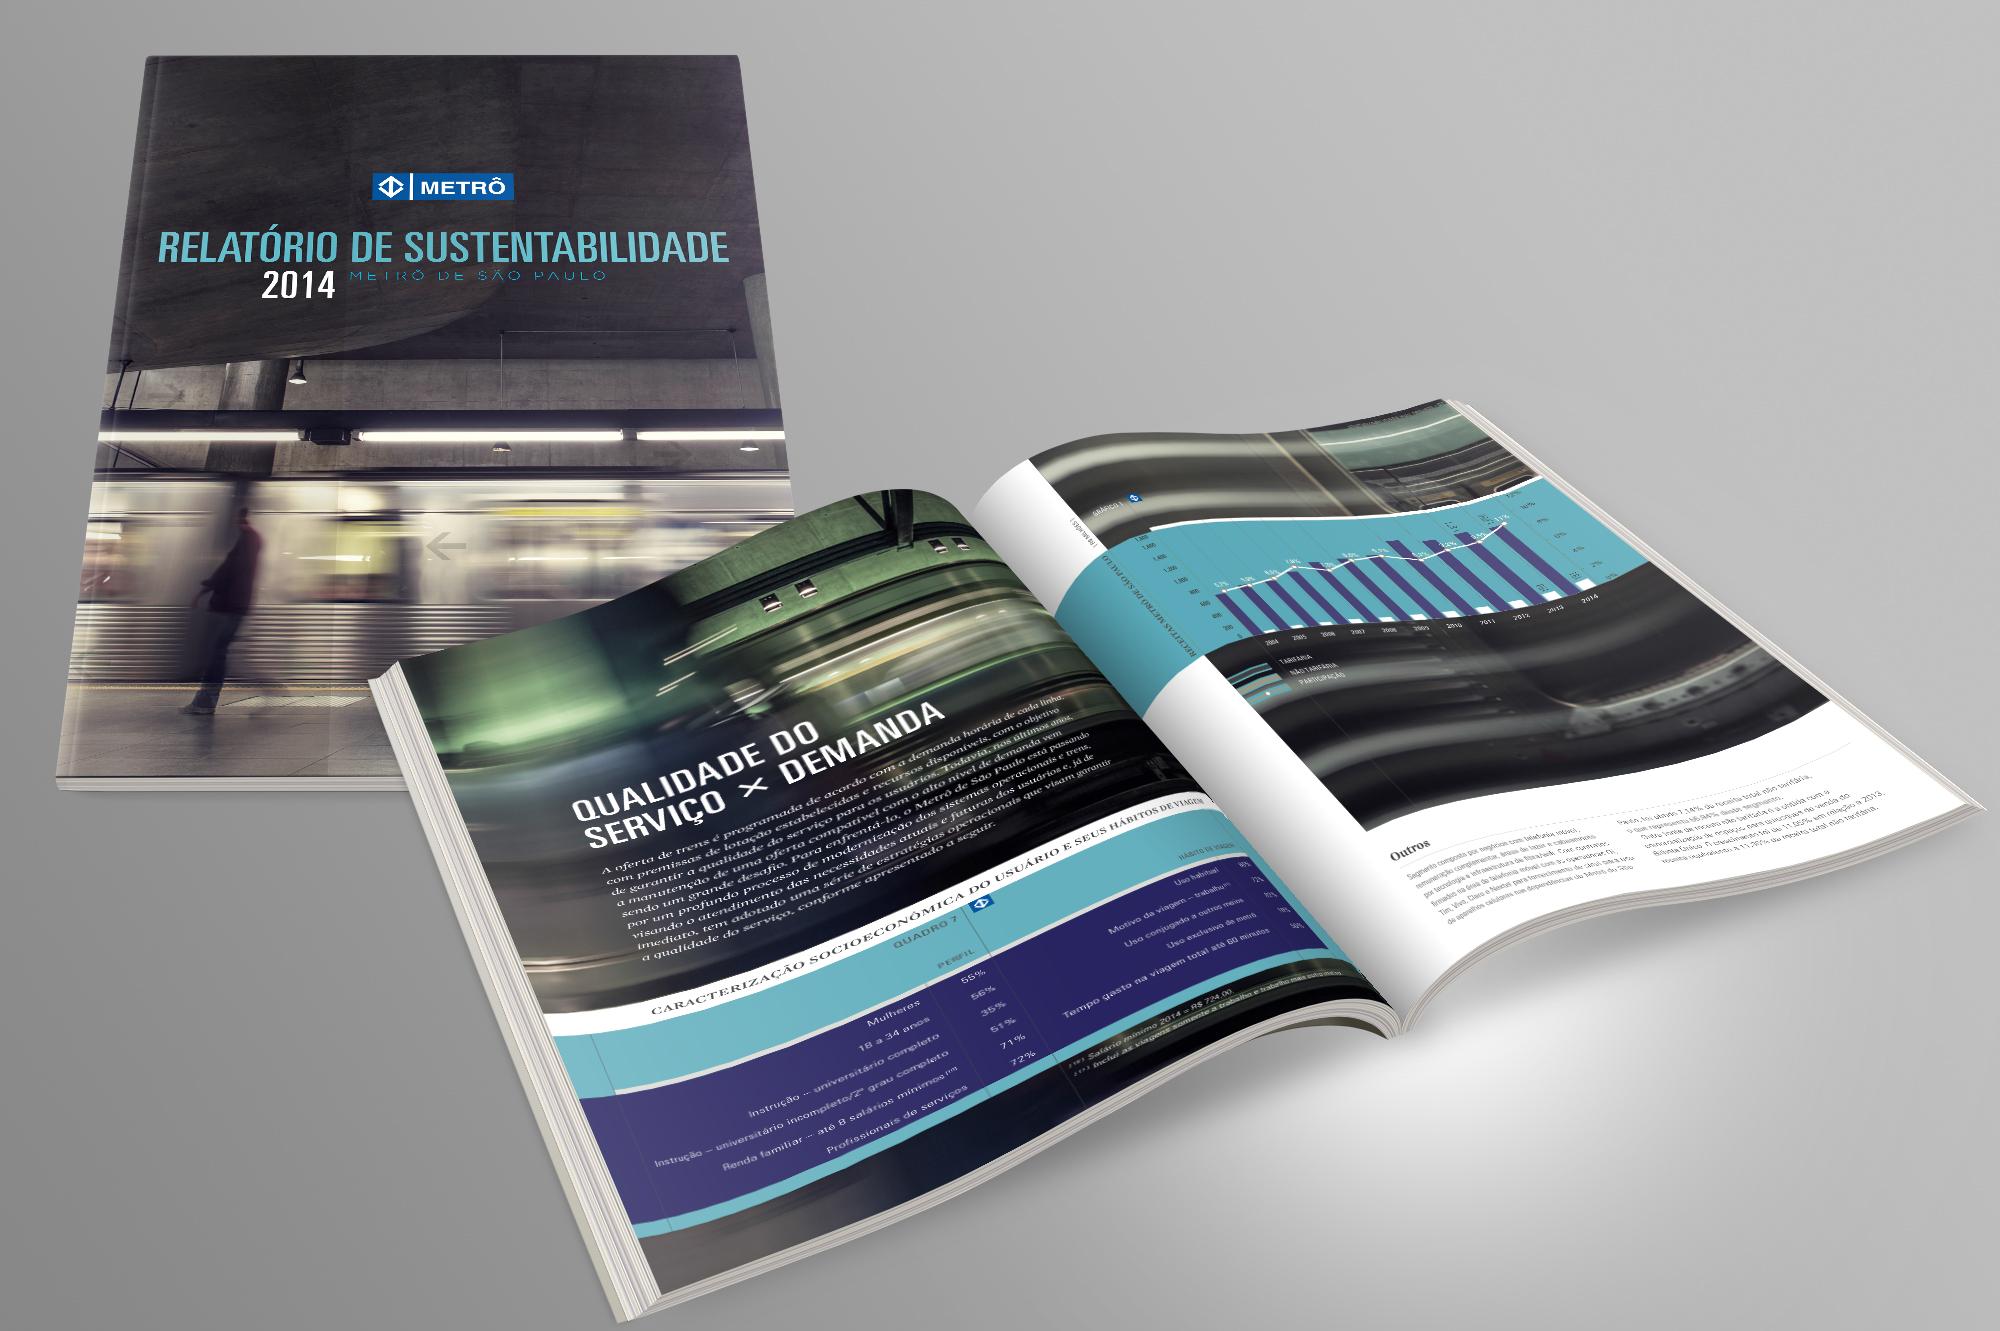 diagramação relatório de sustentabilidade